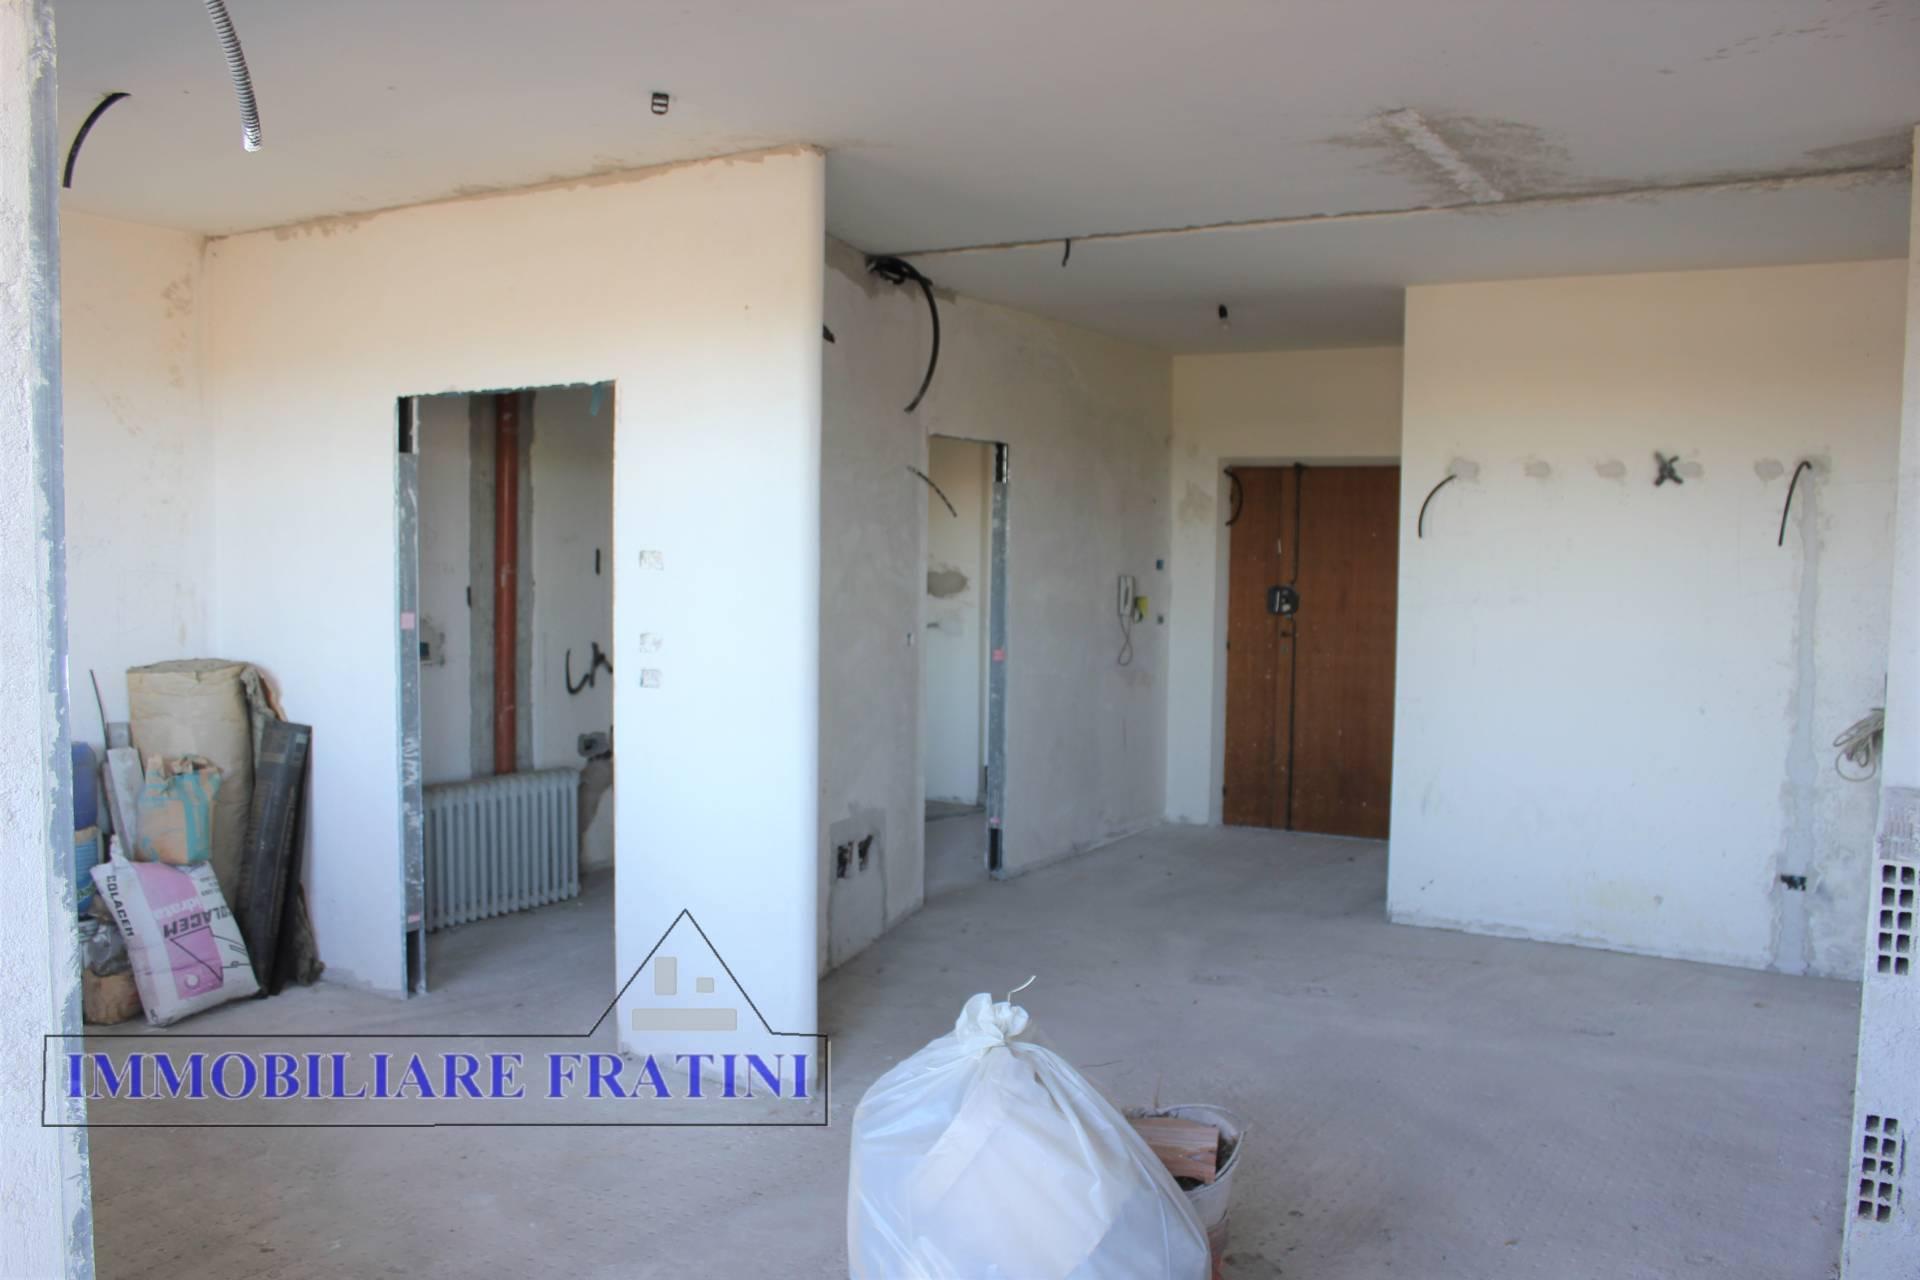 Appartamento in vendita a Folignano, 5 locali, prezzo € 110.000 | PortaleAgenzieImmobiliari.it